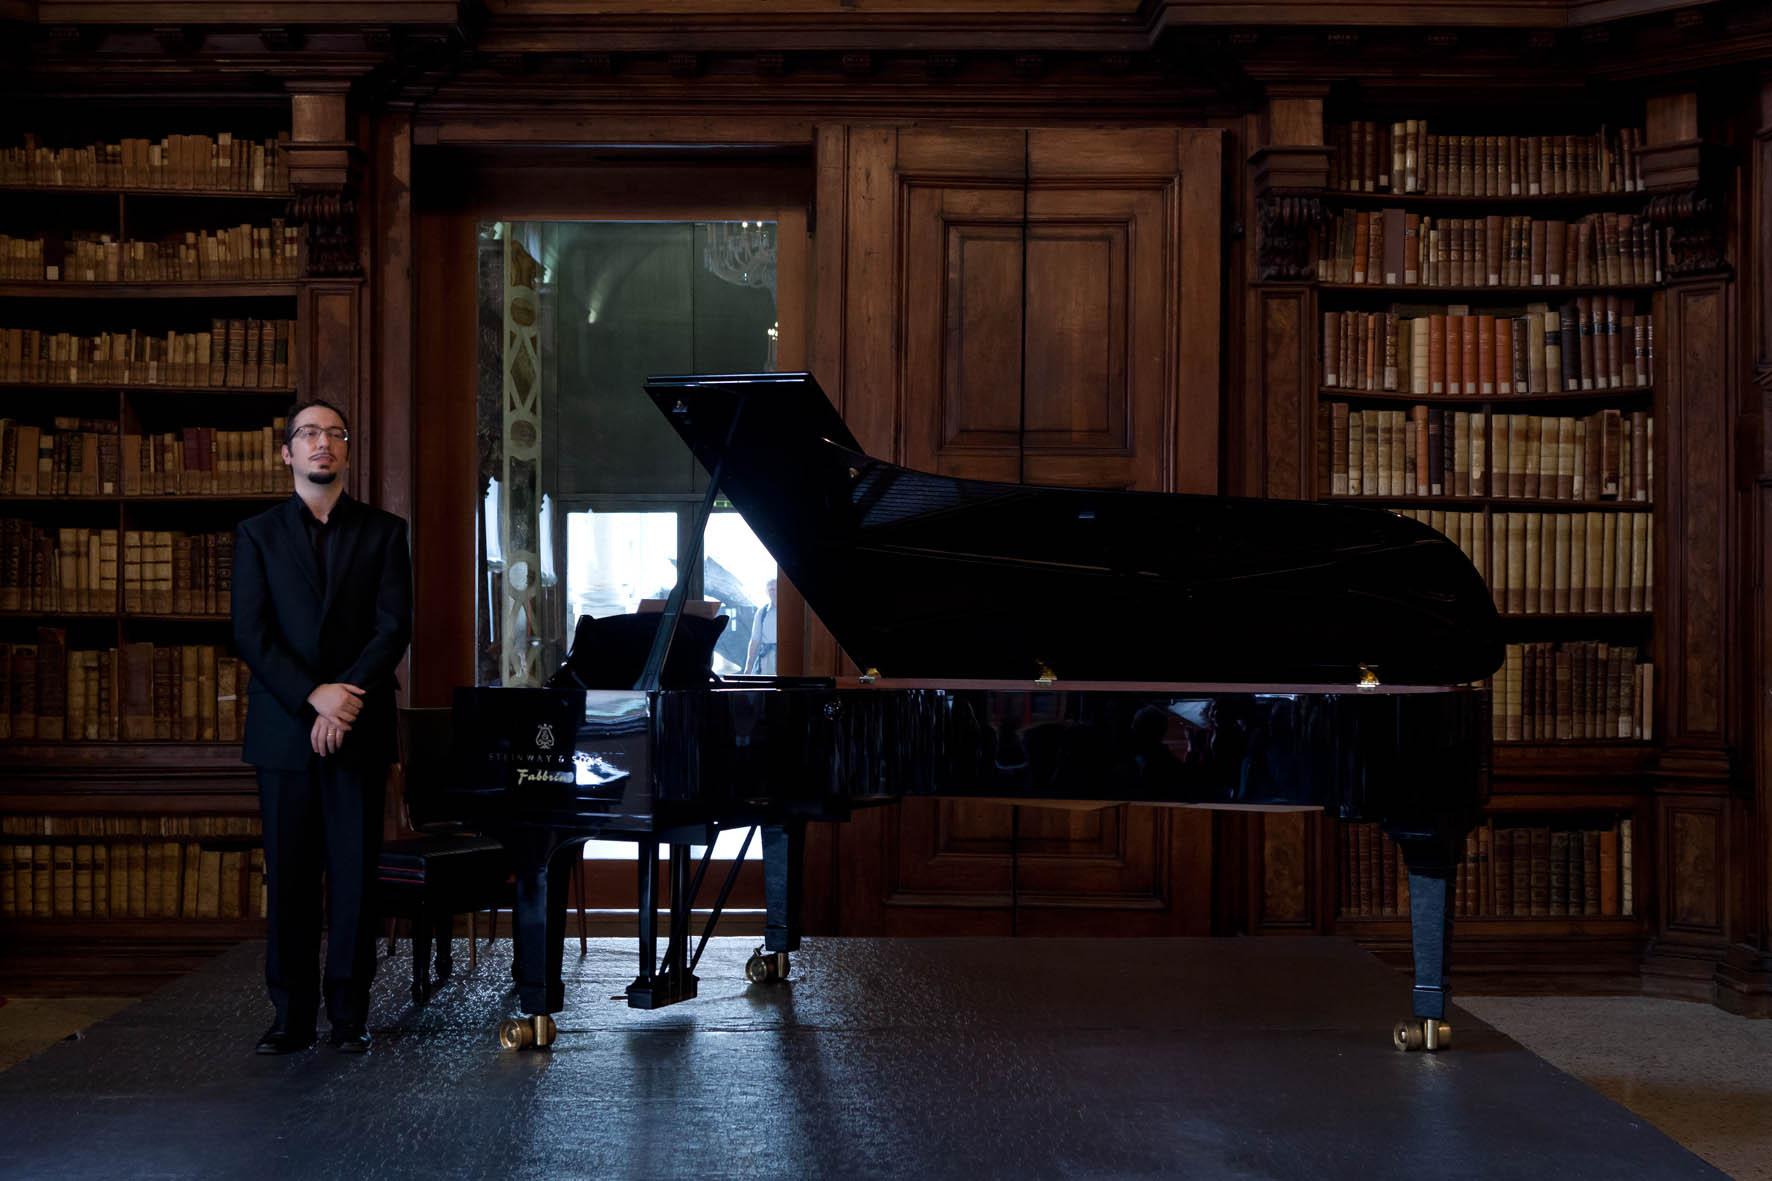 Roberto Piana Milano 2012. Concerto di Roberto Piana al Teatro Civico di Sassari 30 aprile 2015 ore 21.